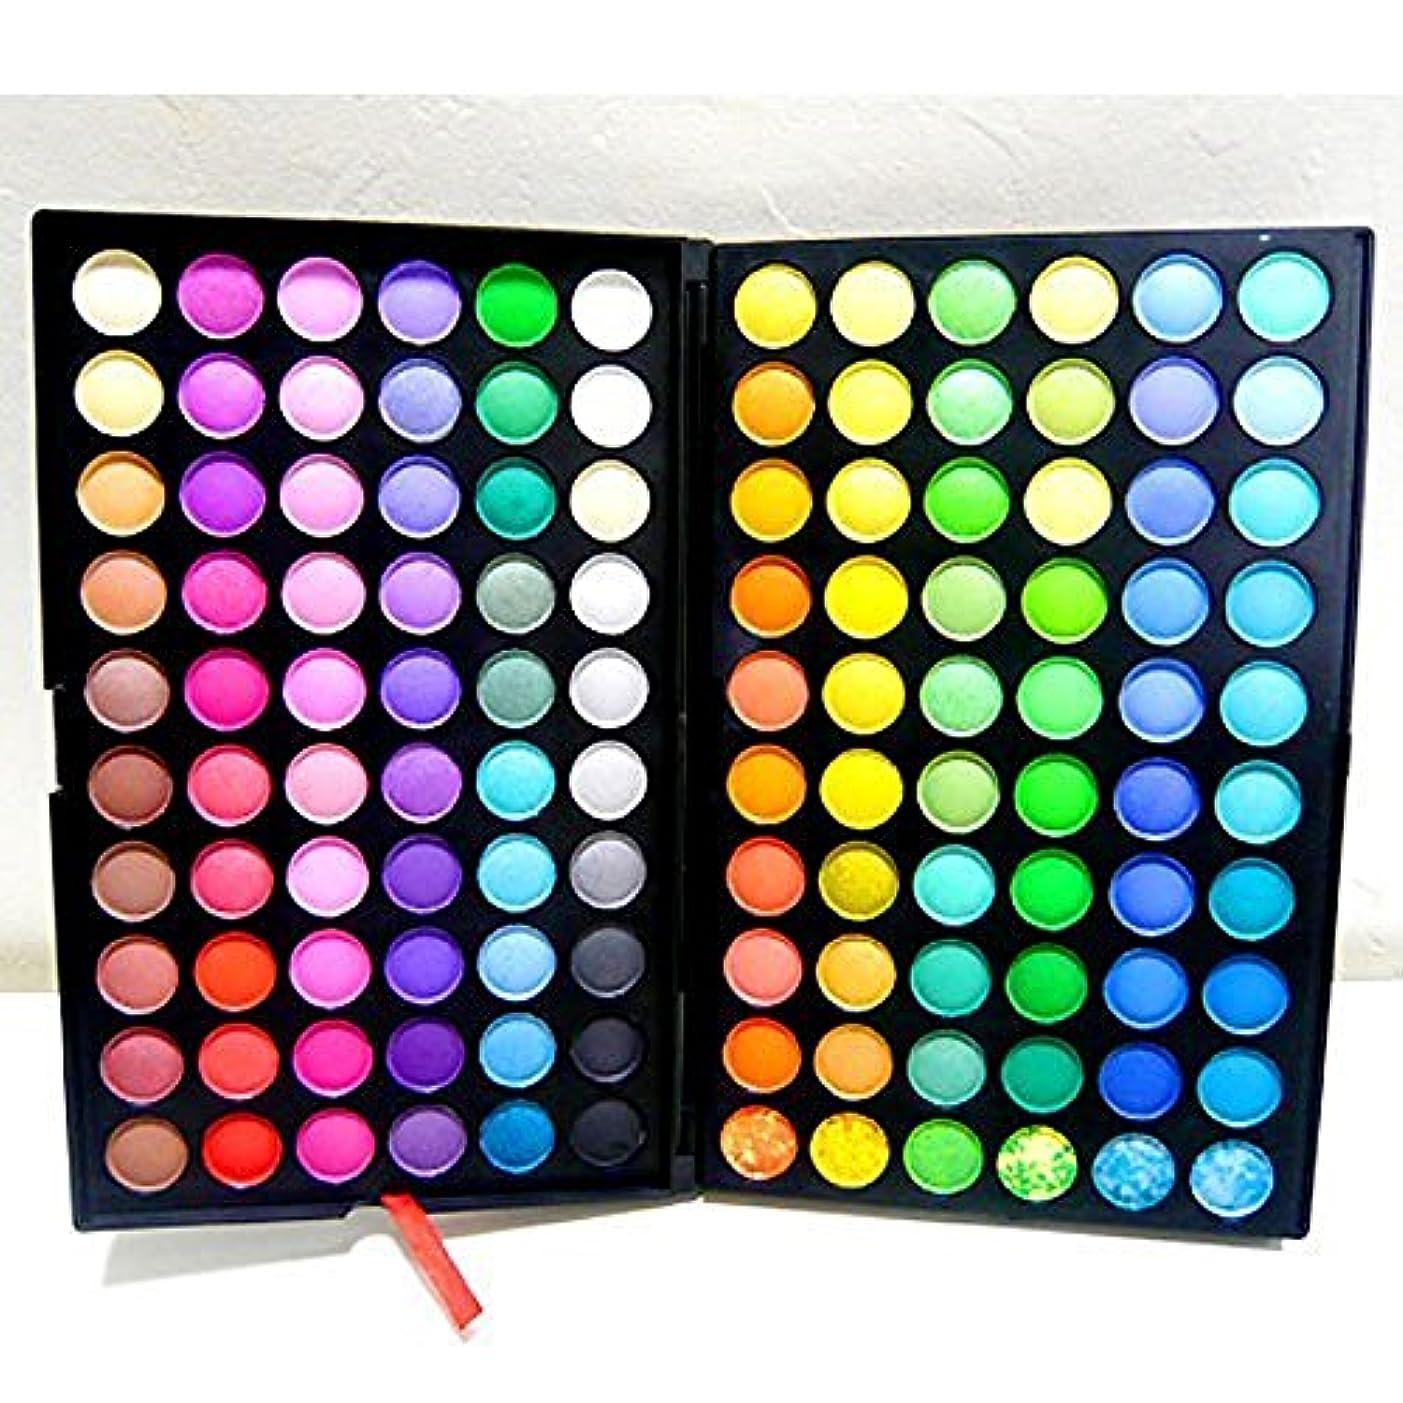 意味蒸発する深遠入荷しました【LuxuryRose】発色が素晴らしい!120カラーアイシャドウパレット